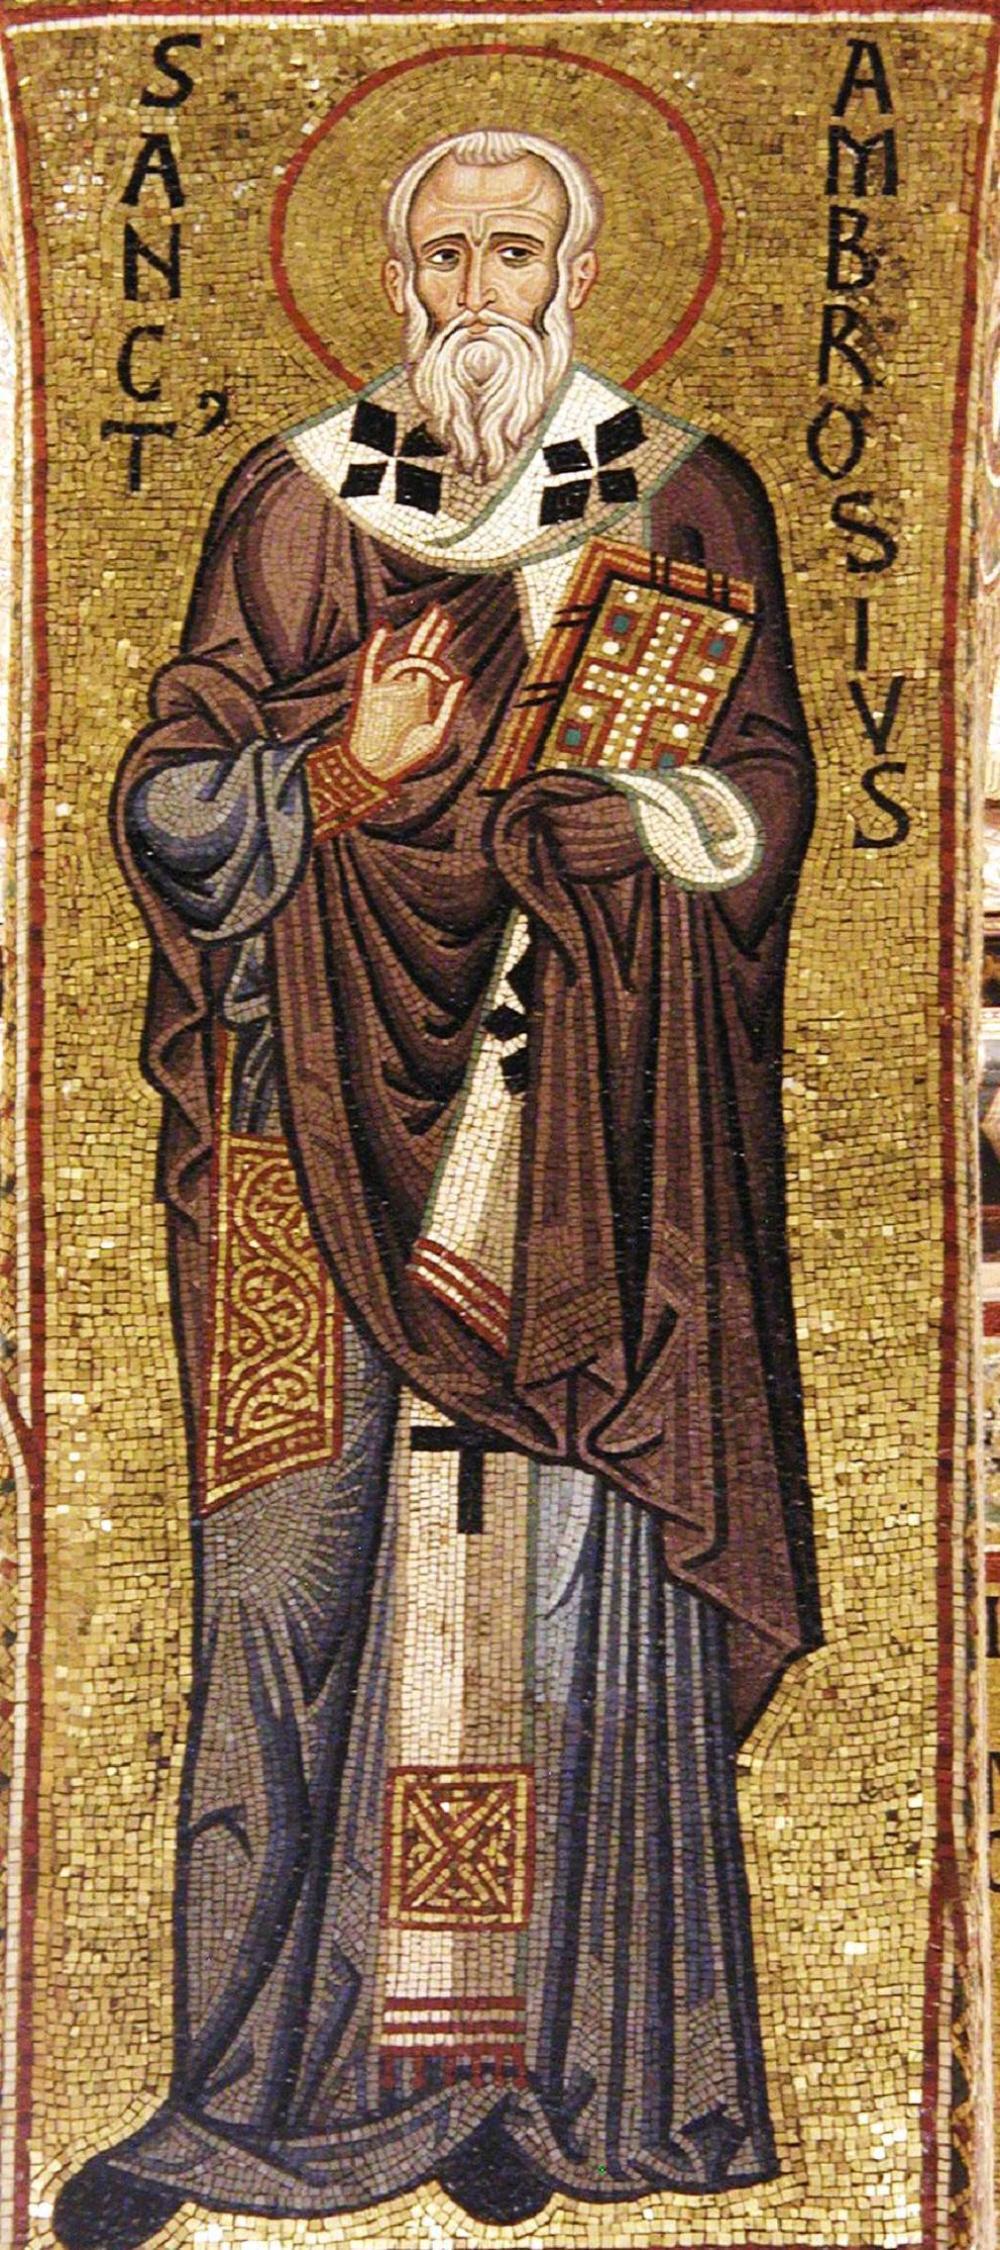 Ambroise écrivit toute une série d'ouvrages sur la virginité : De virginibus, De virginitate, De institutione virginis, Exhortatio virginitatis. Il y ajouta un écrit pour les veuves, le De viduis. C'est dès le début de son épiscopat qu'Ambroise manifesta sa sollicitude toute particulière pour les « épouses du Christ » : le De virginibus date de janvier 376, le De virginitate de juin 377. Ces écrits révèlent la grande délicatesse d'âme et la sensibilité d'Ambroise. Voici le commentaire de l'apparition du Ressuscité à Marie de Magdala (Jean 20, 1-18) que saint Bernard amplifiera [7] :  • Femme, pourquoi pleures-tu ? Qui cherches-tu ? Oui, il y a lieu de pleurer pour toi, incrédule encore envers le Christ. Tu pleures ? Tu ne vois donc pas le Christ ? Crois et tu le verras. Le Christ est tout proche. Il est là près de toi. Jamais à ceux qui le cherchent il ne fait défaut.  Pourquoi pleures-tu ? Il n'est nulle raison de pleurer, si seulement ardente dans la foi, tu es faite digne de Dieu ! Ne pense plus aux choses mortelles et tu ne pleureras plus. Ne pense plus aux choses passées et nulle cause de larmes ne demeurera !  Pourquoi pleures-tu ? Vois, tu pleures, et c'est maintenant l'heure de la grande allégresse dont tant d'autres se réjouissent.  Qui cherches-tu ? Ne le vois-tu pas : le Christ est là ! Ne vois-tu pas le Christ, il est la force de Dieu, il est la sagesse de Dieu, le Christ est la sainteté, le Christ est la chasteté, le Christ est l'intégrité, il est né de la Vierge, le Christ provient du Père, il est auprès du Père et toujours dans le Père, né non créé, il n'est pas séparé du Père, mais toujours aimé, vrai Dieu de vrai Dieu.  « Ils ont enlevé mon Seigneur du sépulcre et je ne sais où ils l'ont mis. »  Ô femme, tu te trompes ! Tu penses que d'autres ont enlevé le Christ. Ne sais-tu pas qu'il est ressuscité de par sa propre puissance ? Personne ne peut enlever la force de Dieu, personne ne s'empare de la sagesse de Dieu et personne ne peut ravir la chasteté